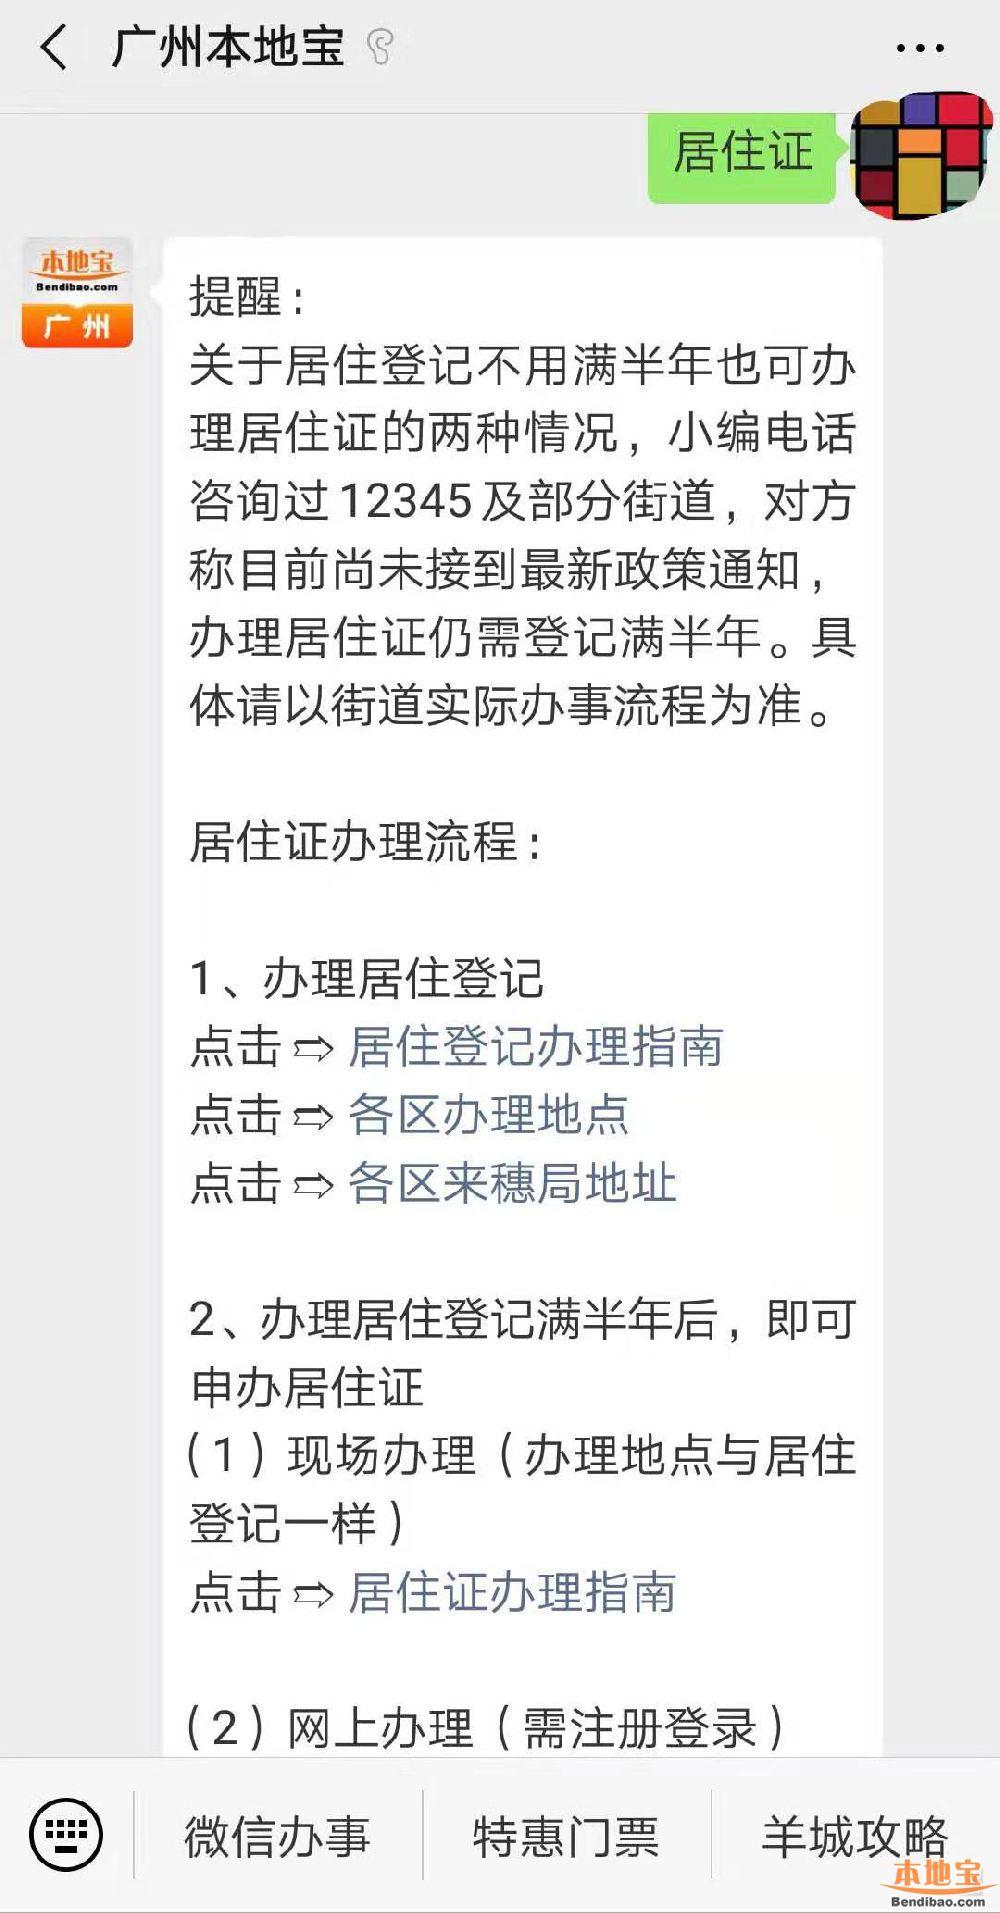 流动人口证_《广州市流动人口居住登记和居住证办理指引》政策解读